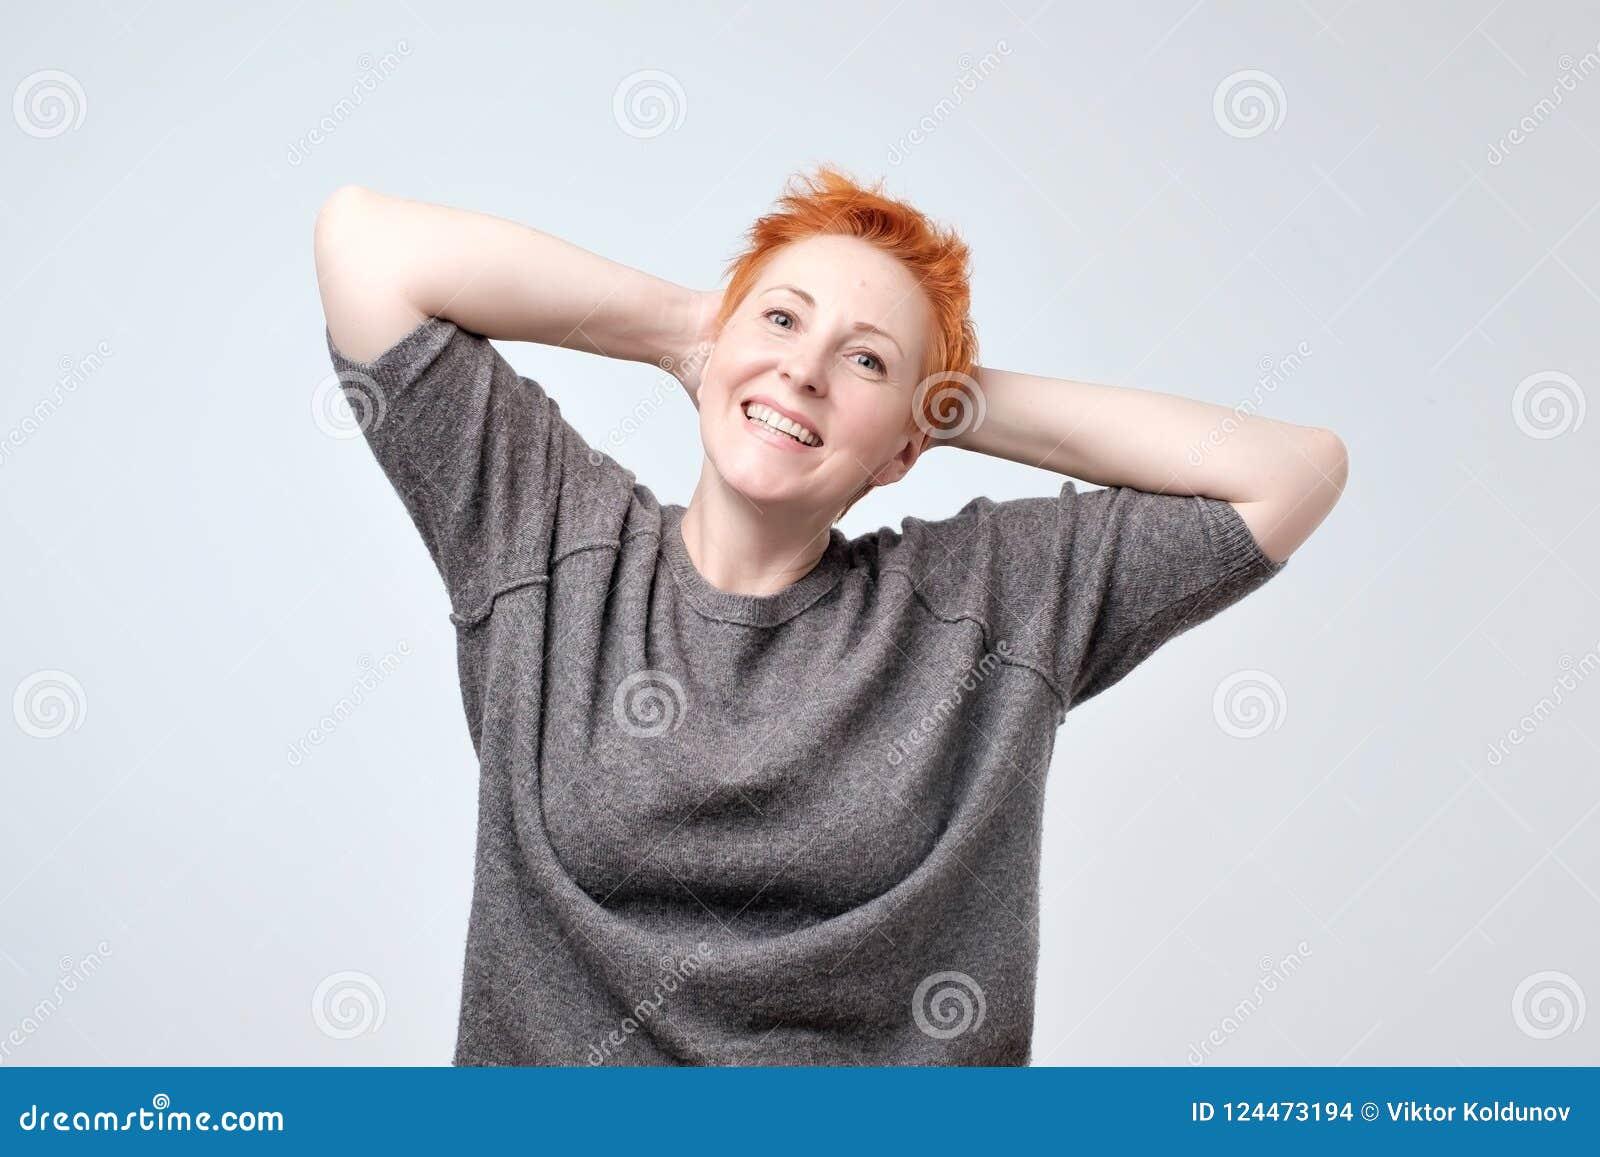 Κλείστε επάνω το πορτρέτο της όμορφης ώριμης γυναίκας με την κόκκινη τρίχα που χαμογελά και που υπερασπίζεται τον τοίχο